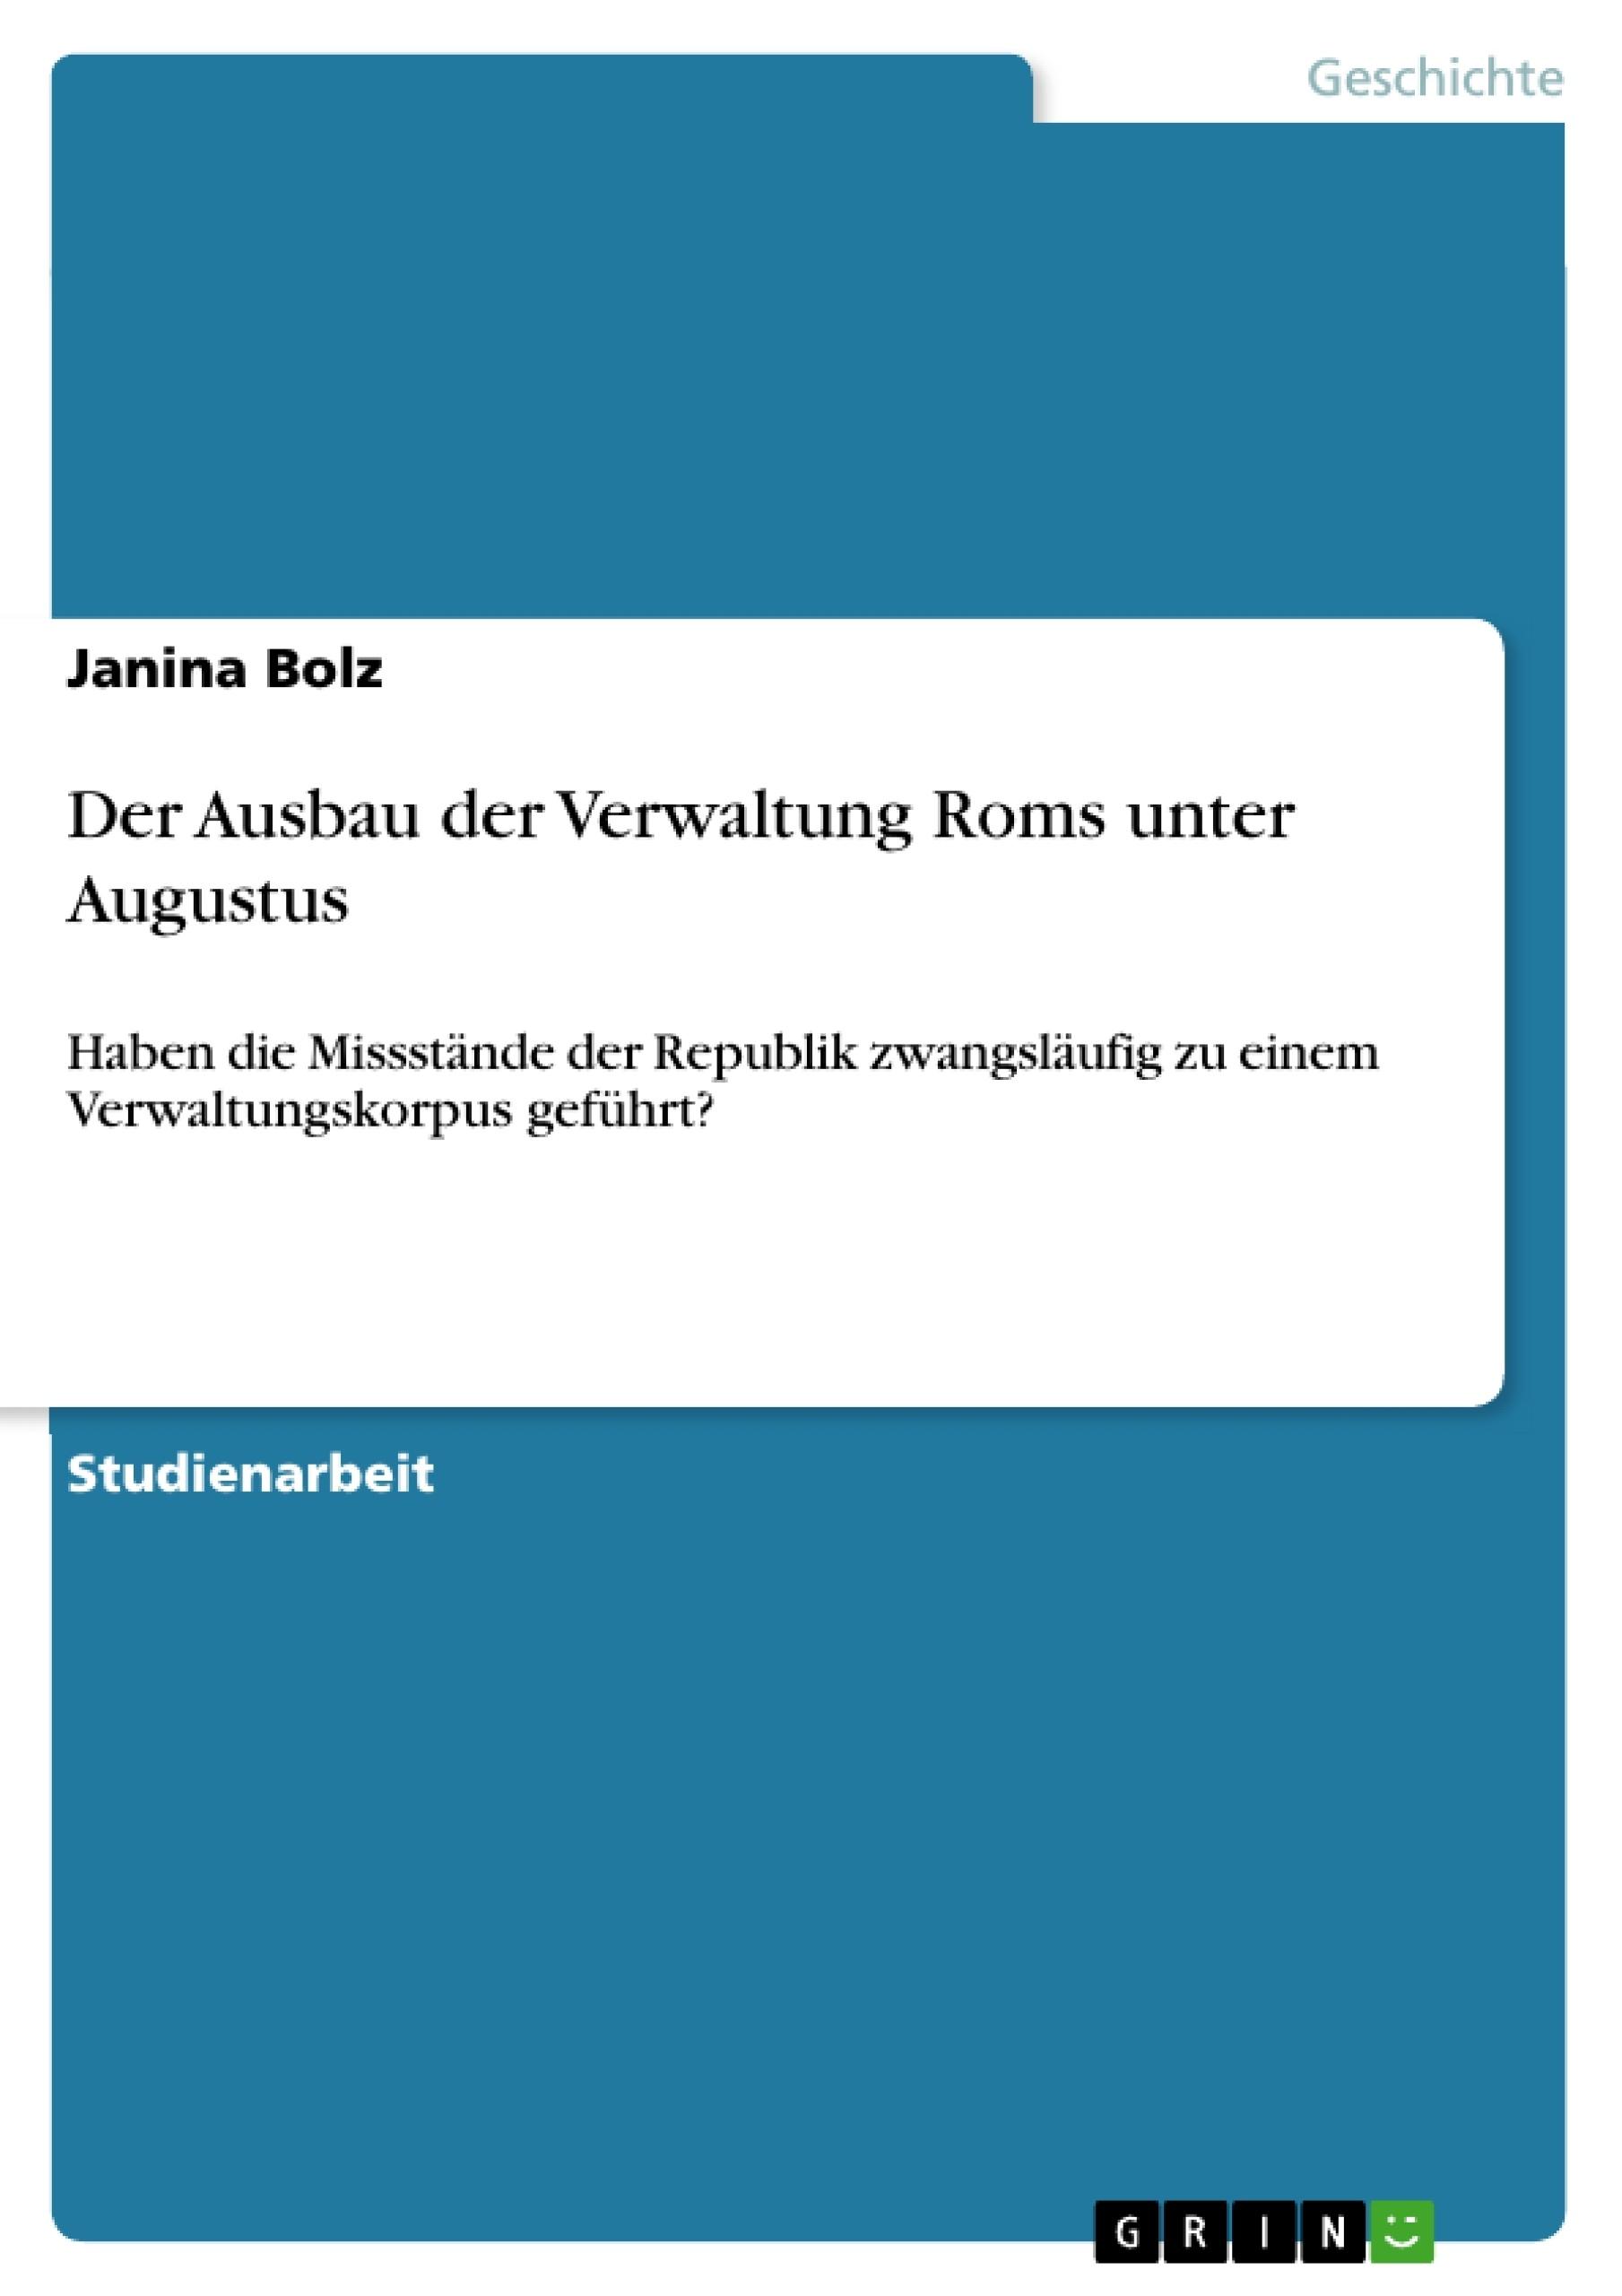 Titel: Der Ausbau der Verwaltung Roms unter Augustus